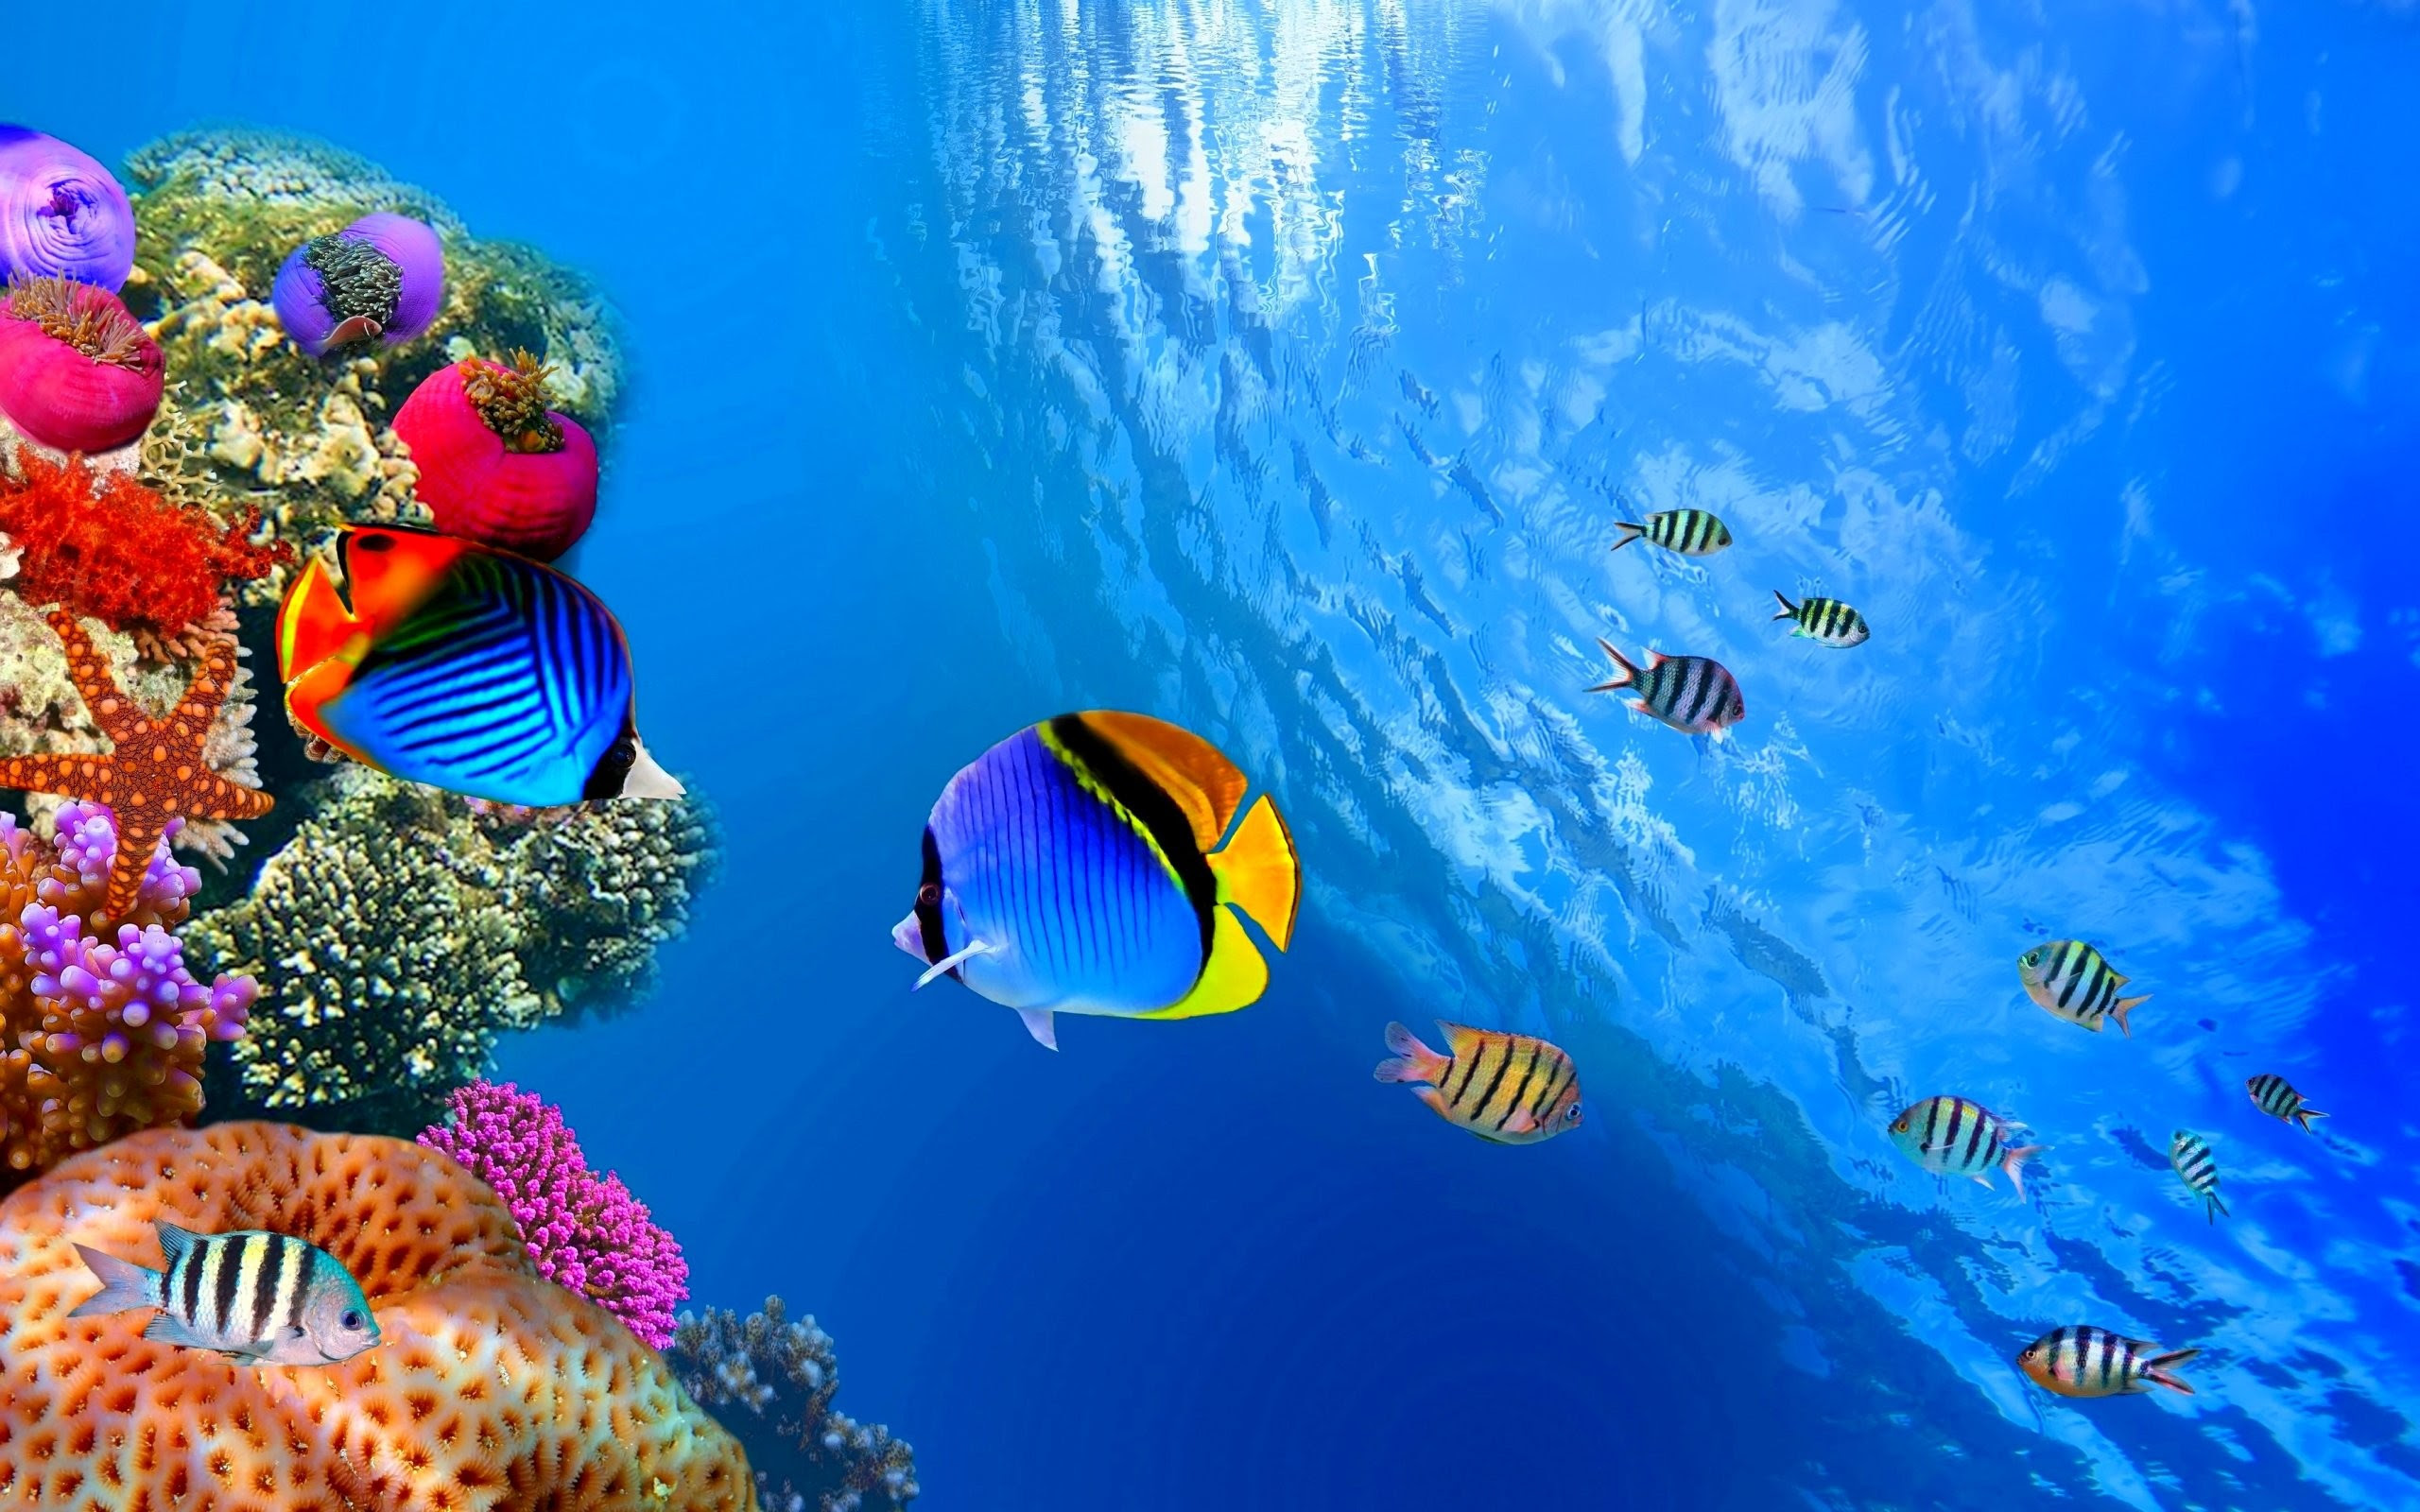 Sea Life Wallpaper 44 Images